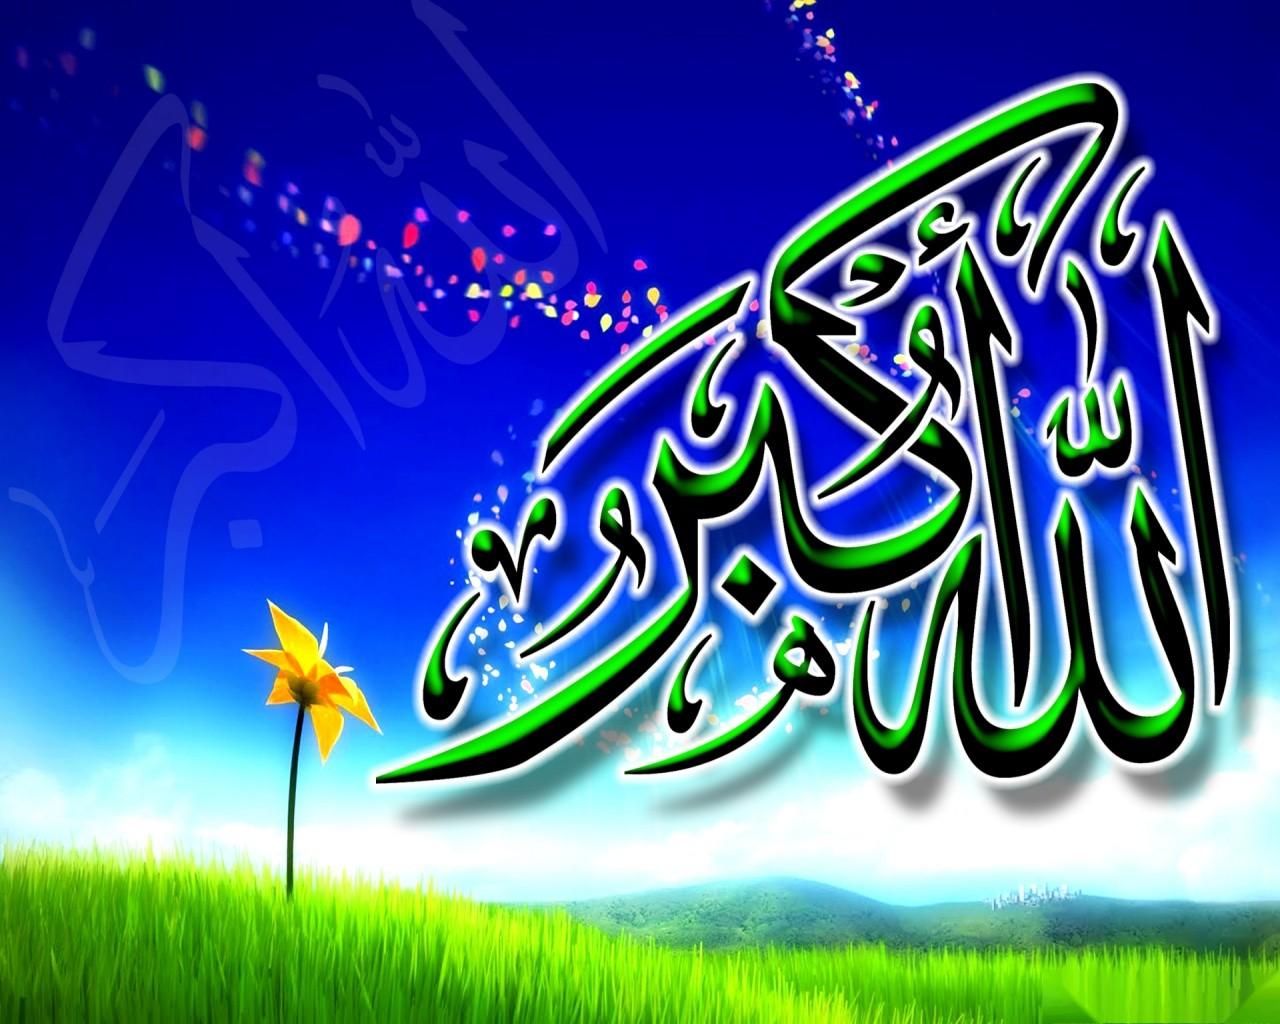 صور صور اسلامية جميلة , خلفيات دينية للفيس بوك